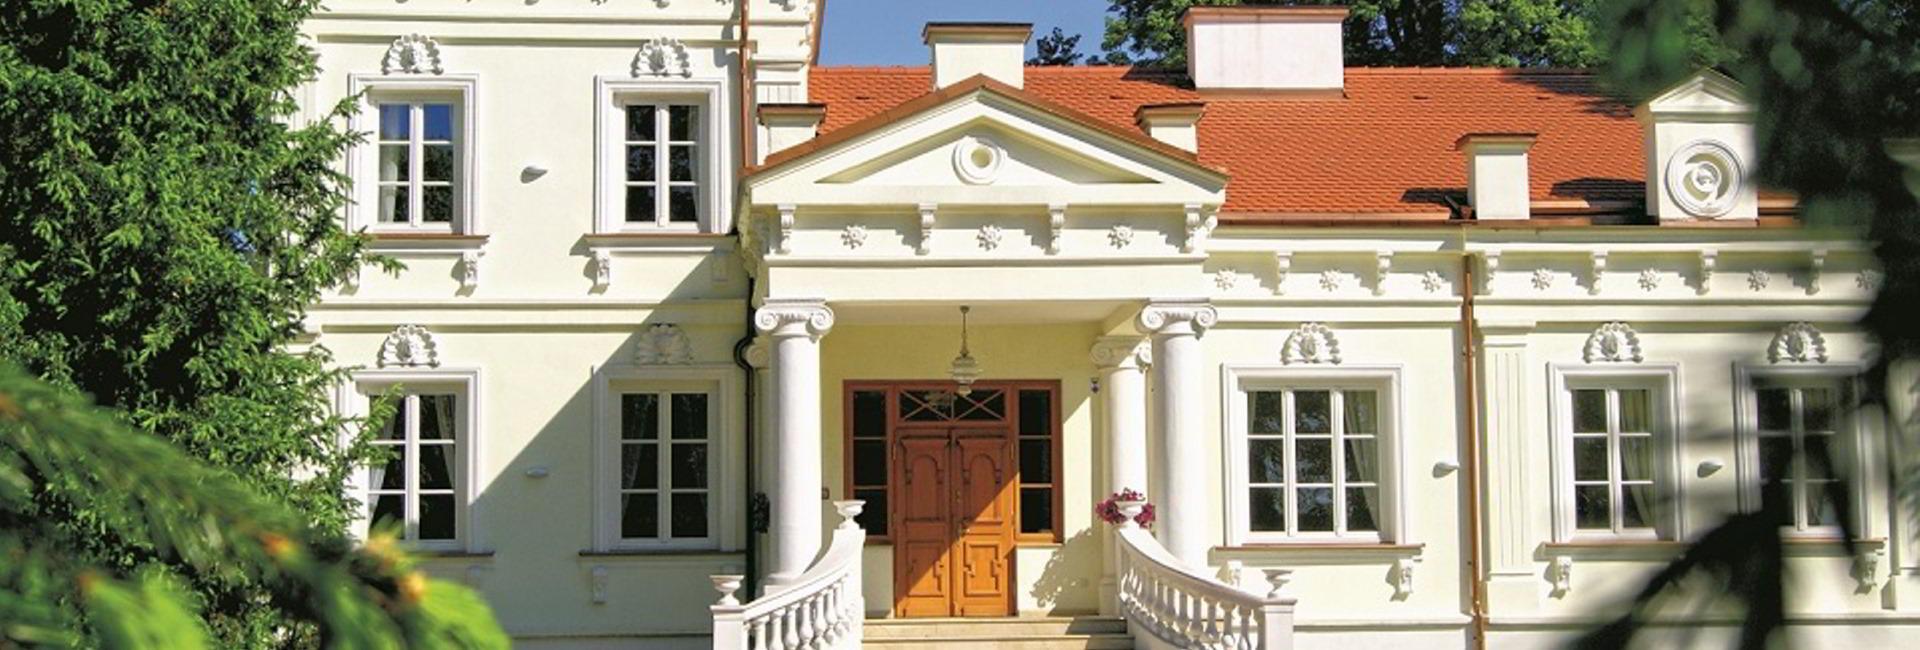 Zakow Palace in Siennica, Mińsk Mazowiecki